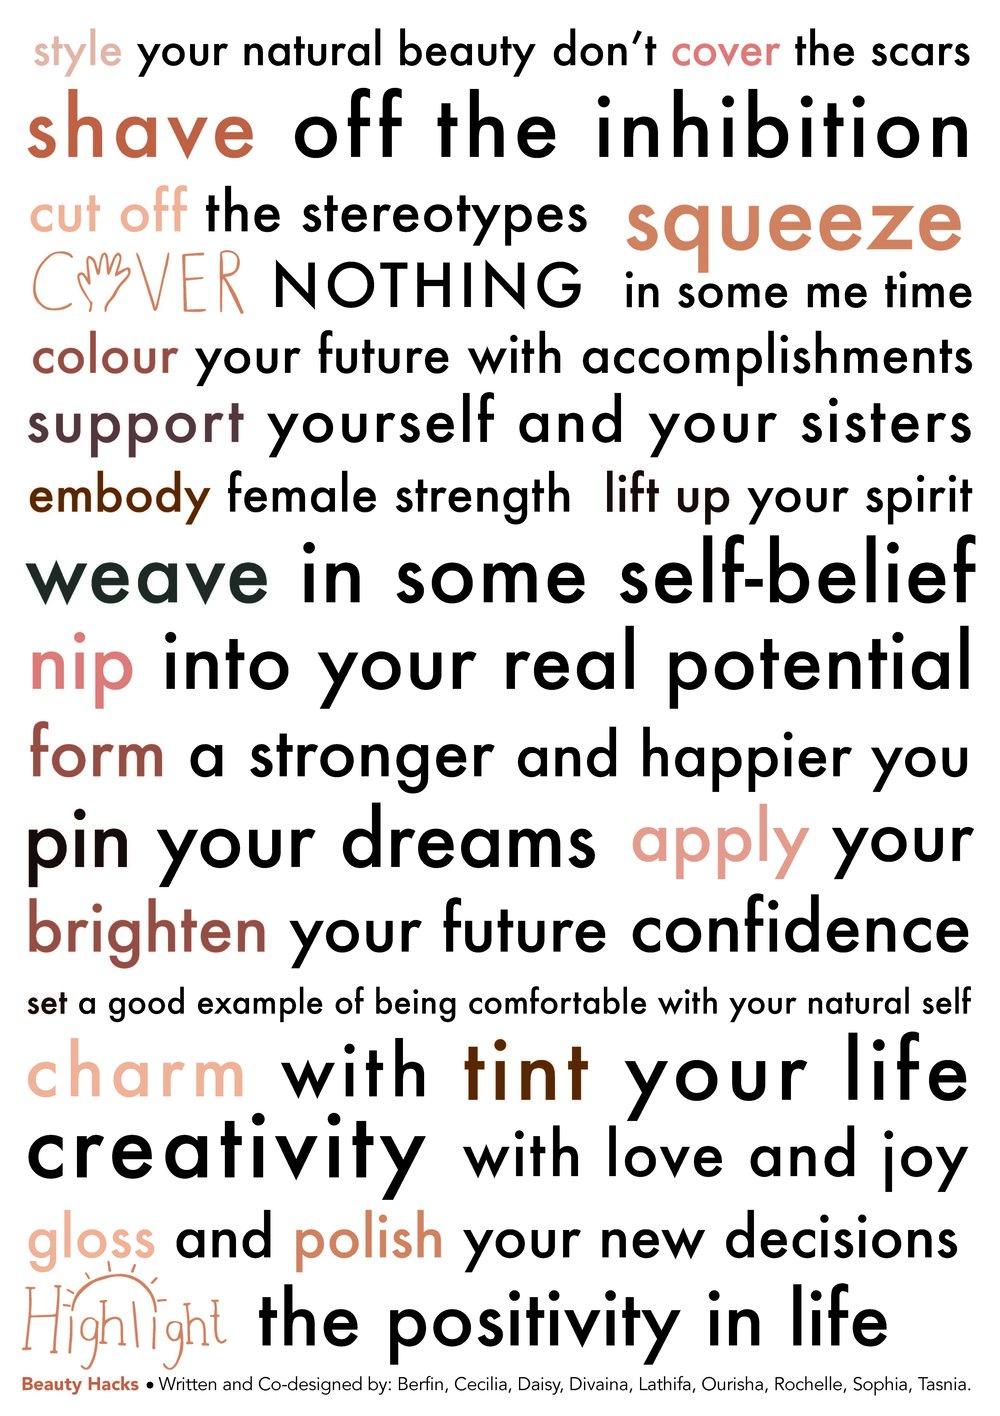 BeautyHacks_Manifesto.jpg